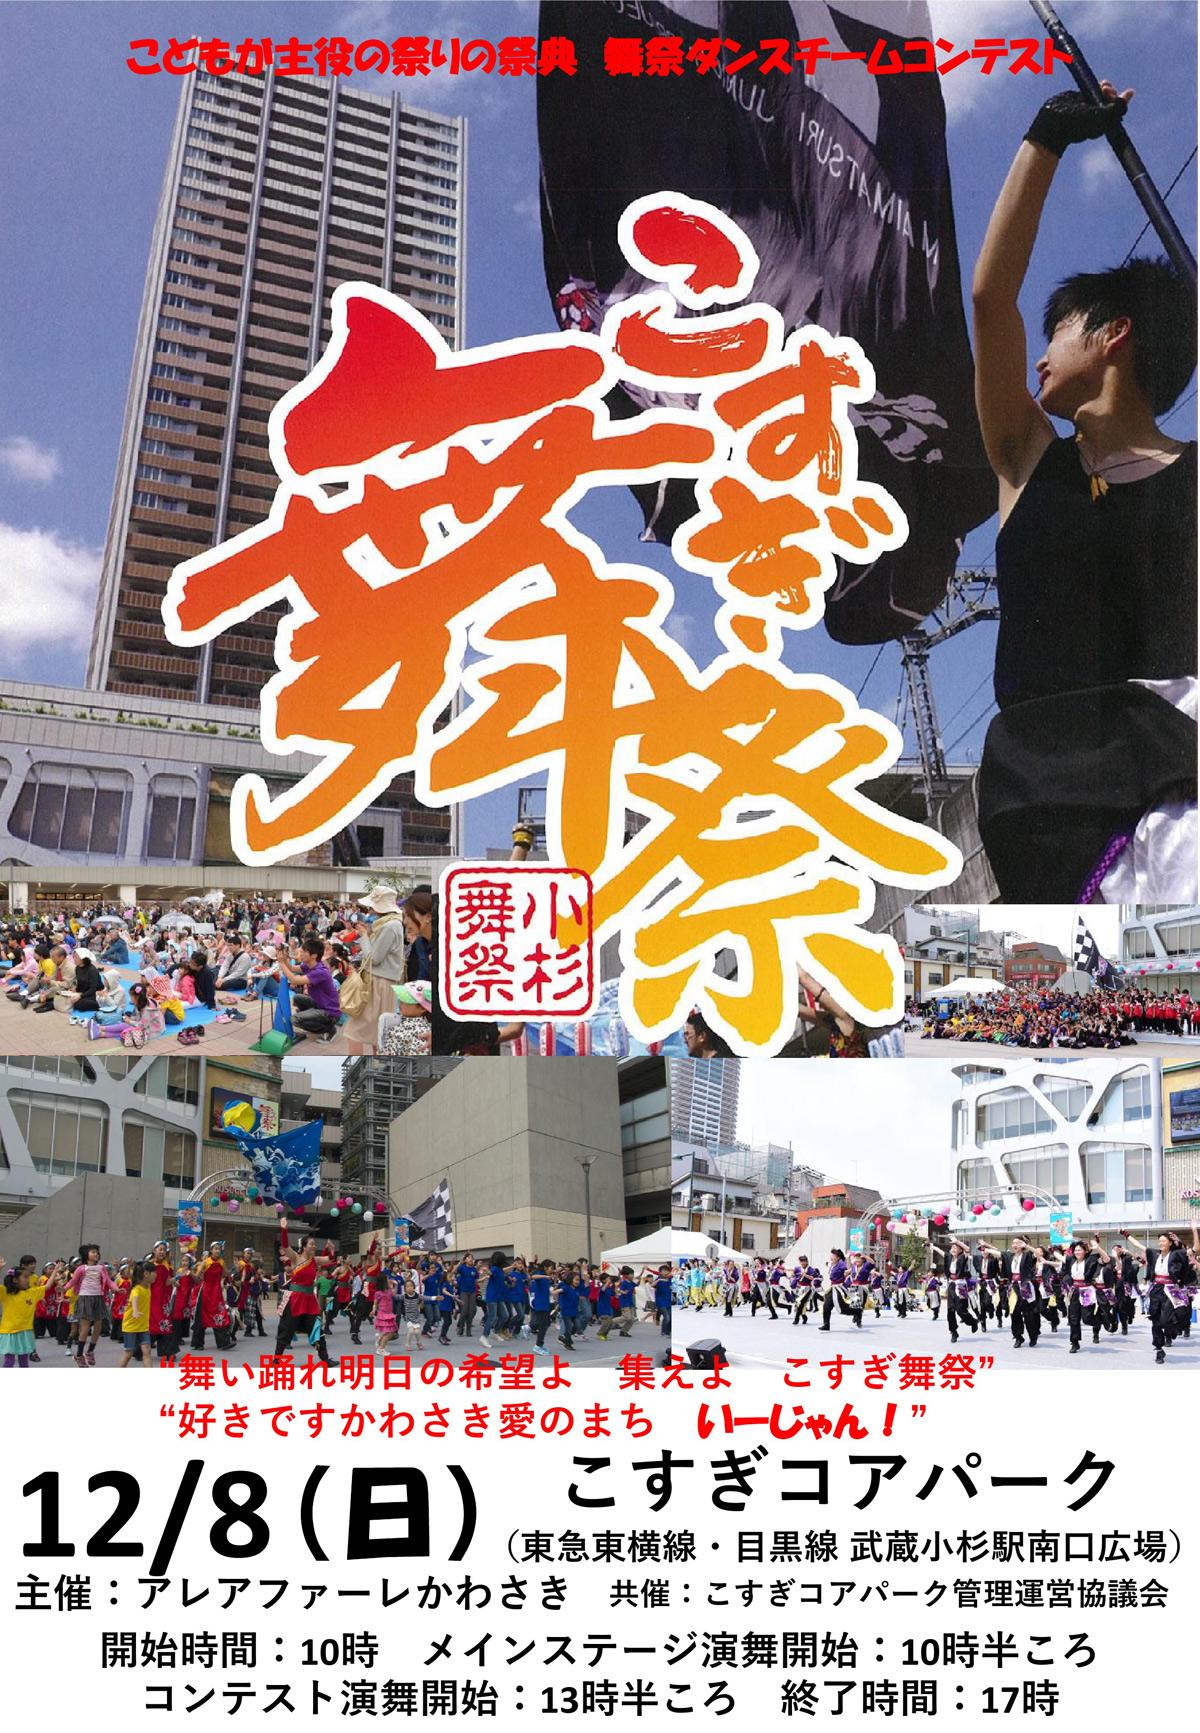 2019年12月8日(日) こすぎ舞祭